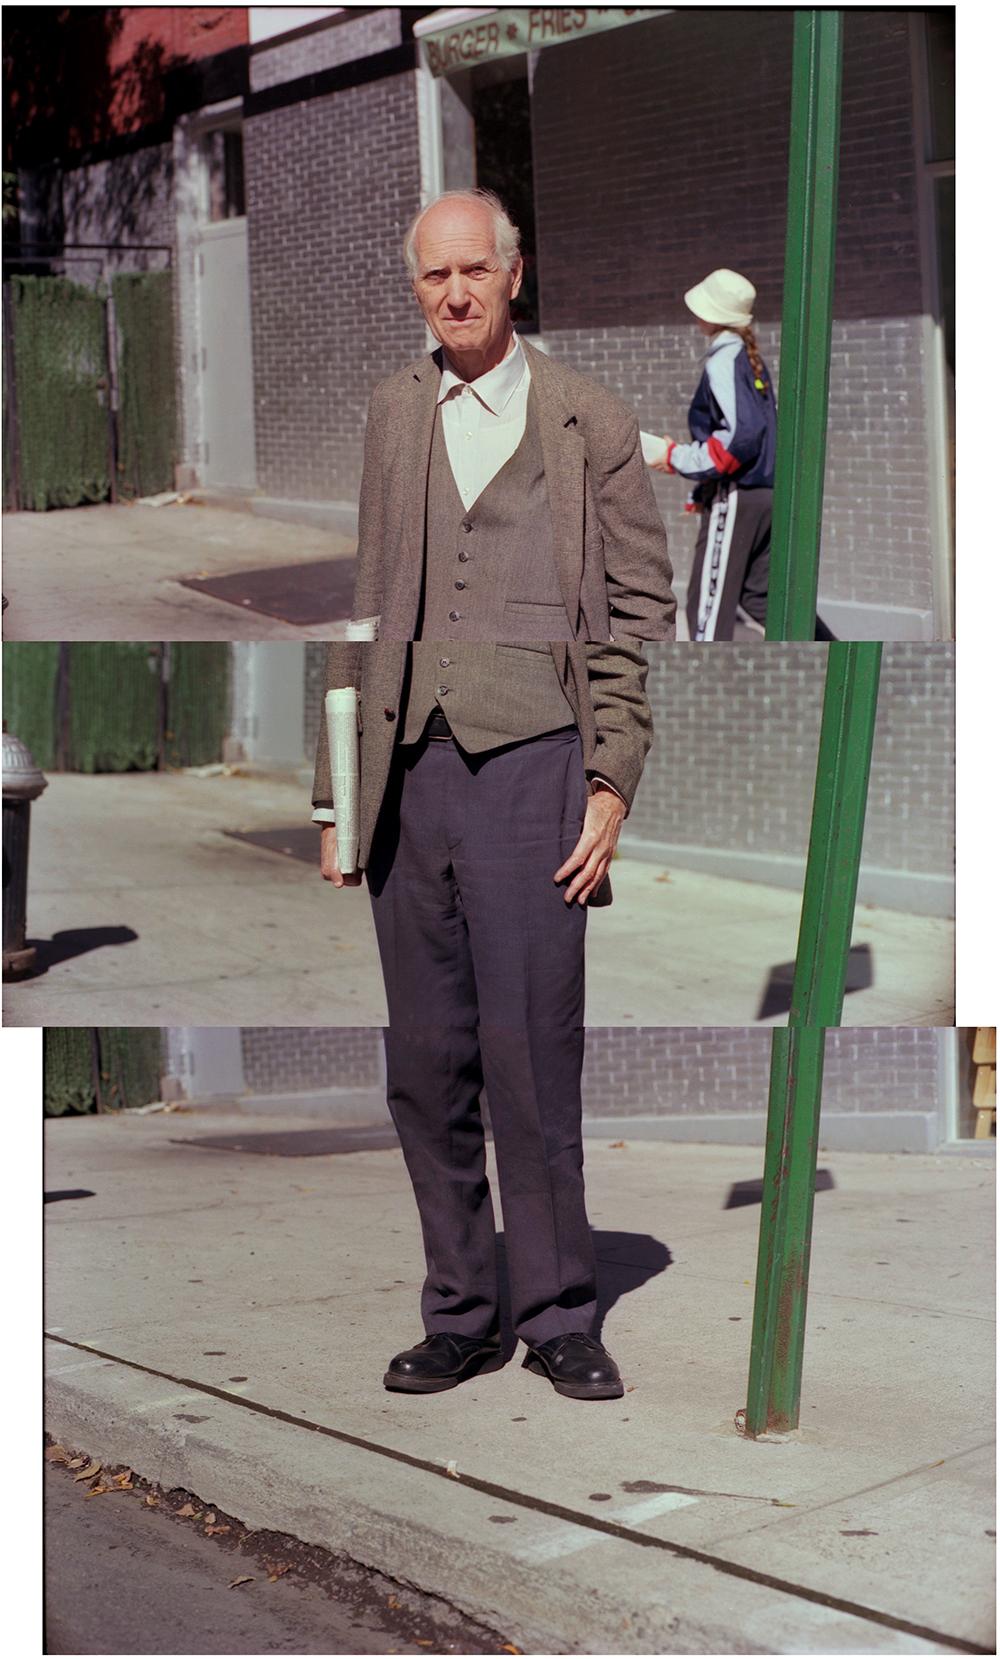 2nd Ave & E. 88th St,Thursday 10/14/1999